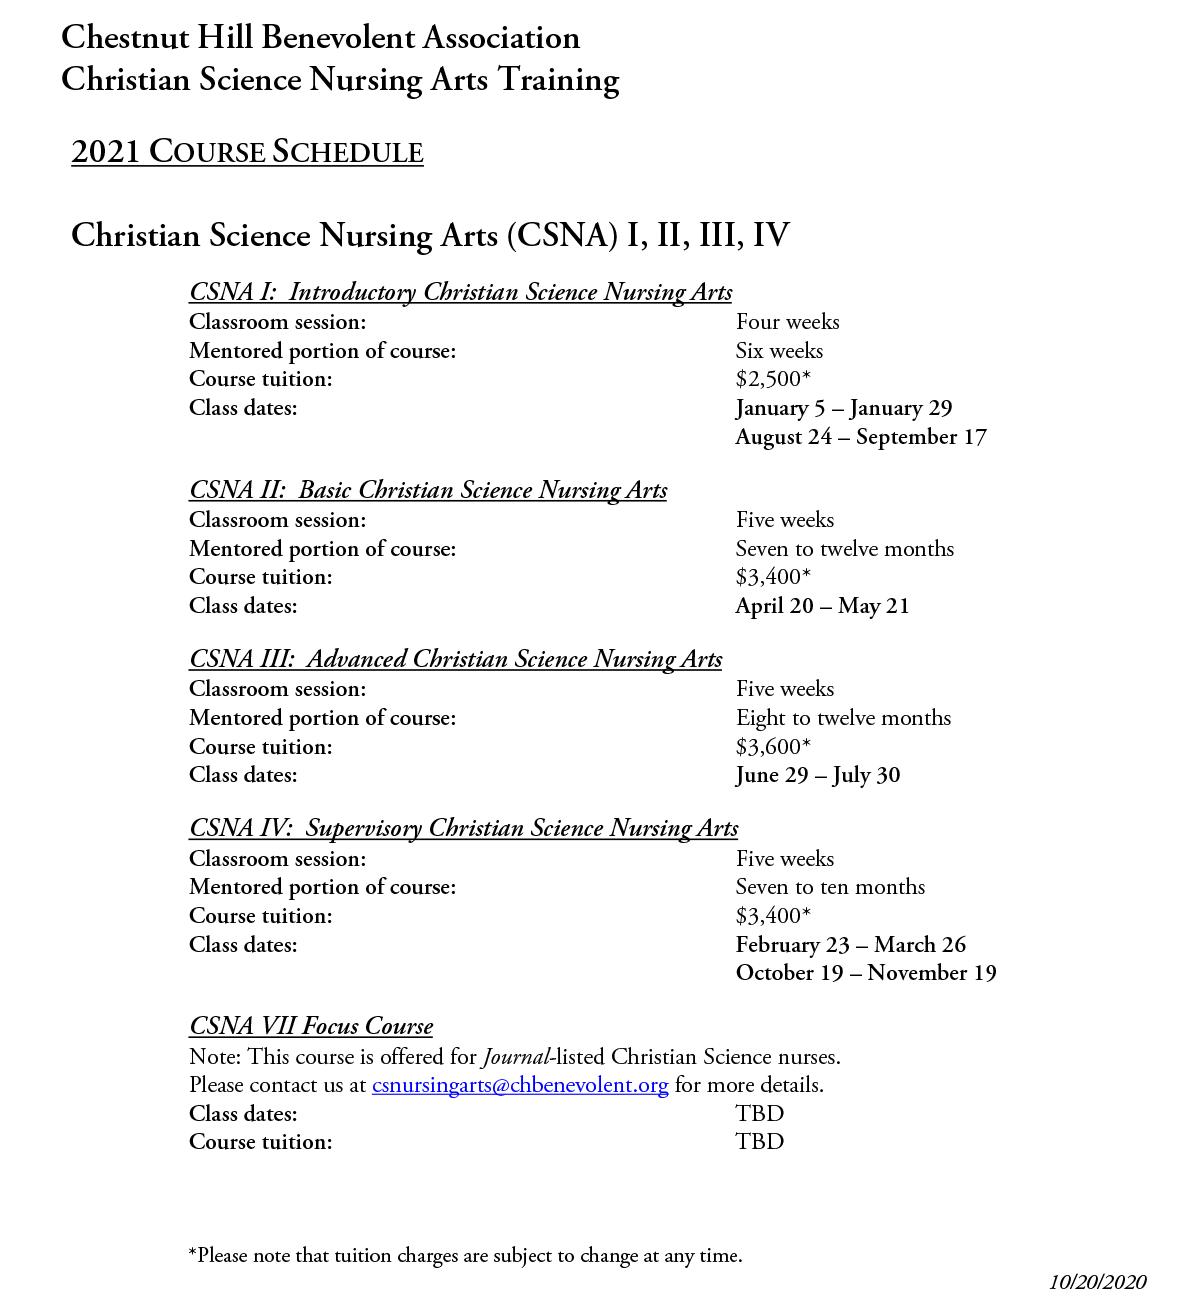 CSNA Course-schedule-chestnut-hill-2021